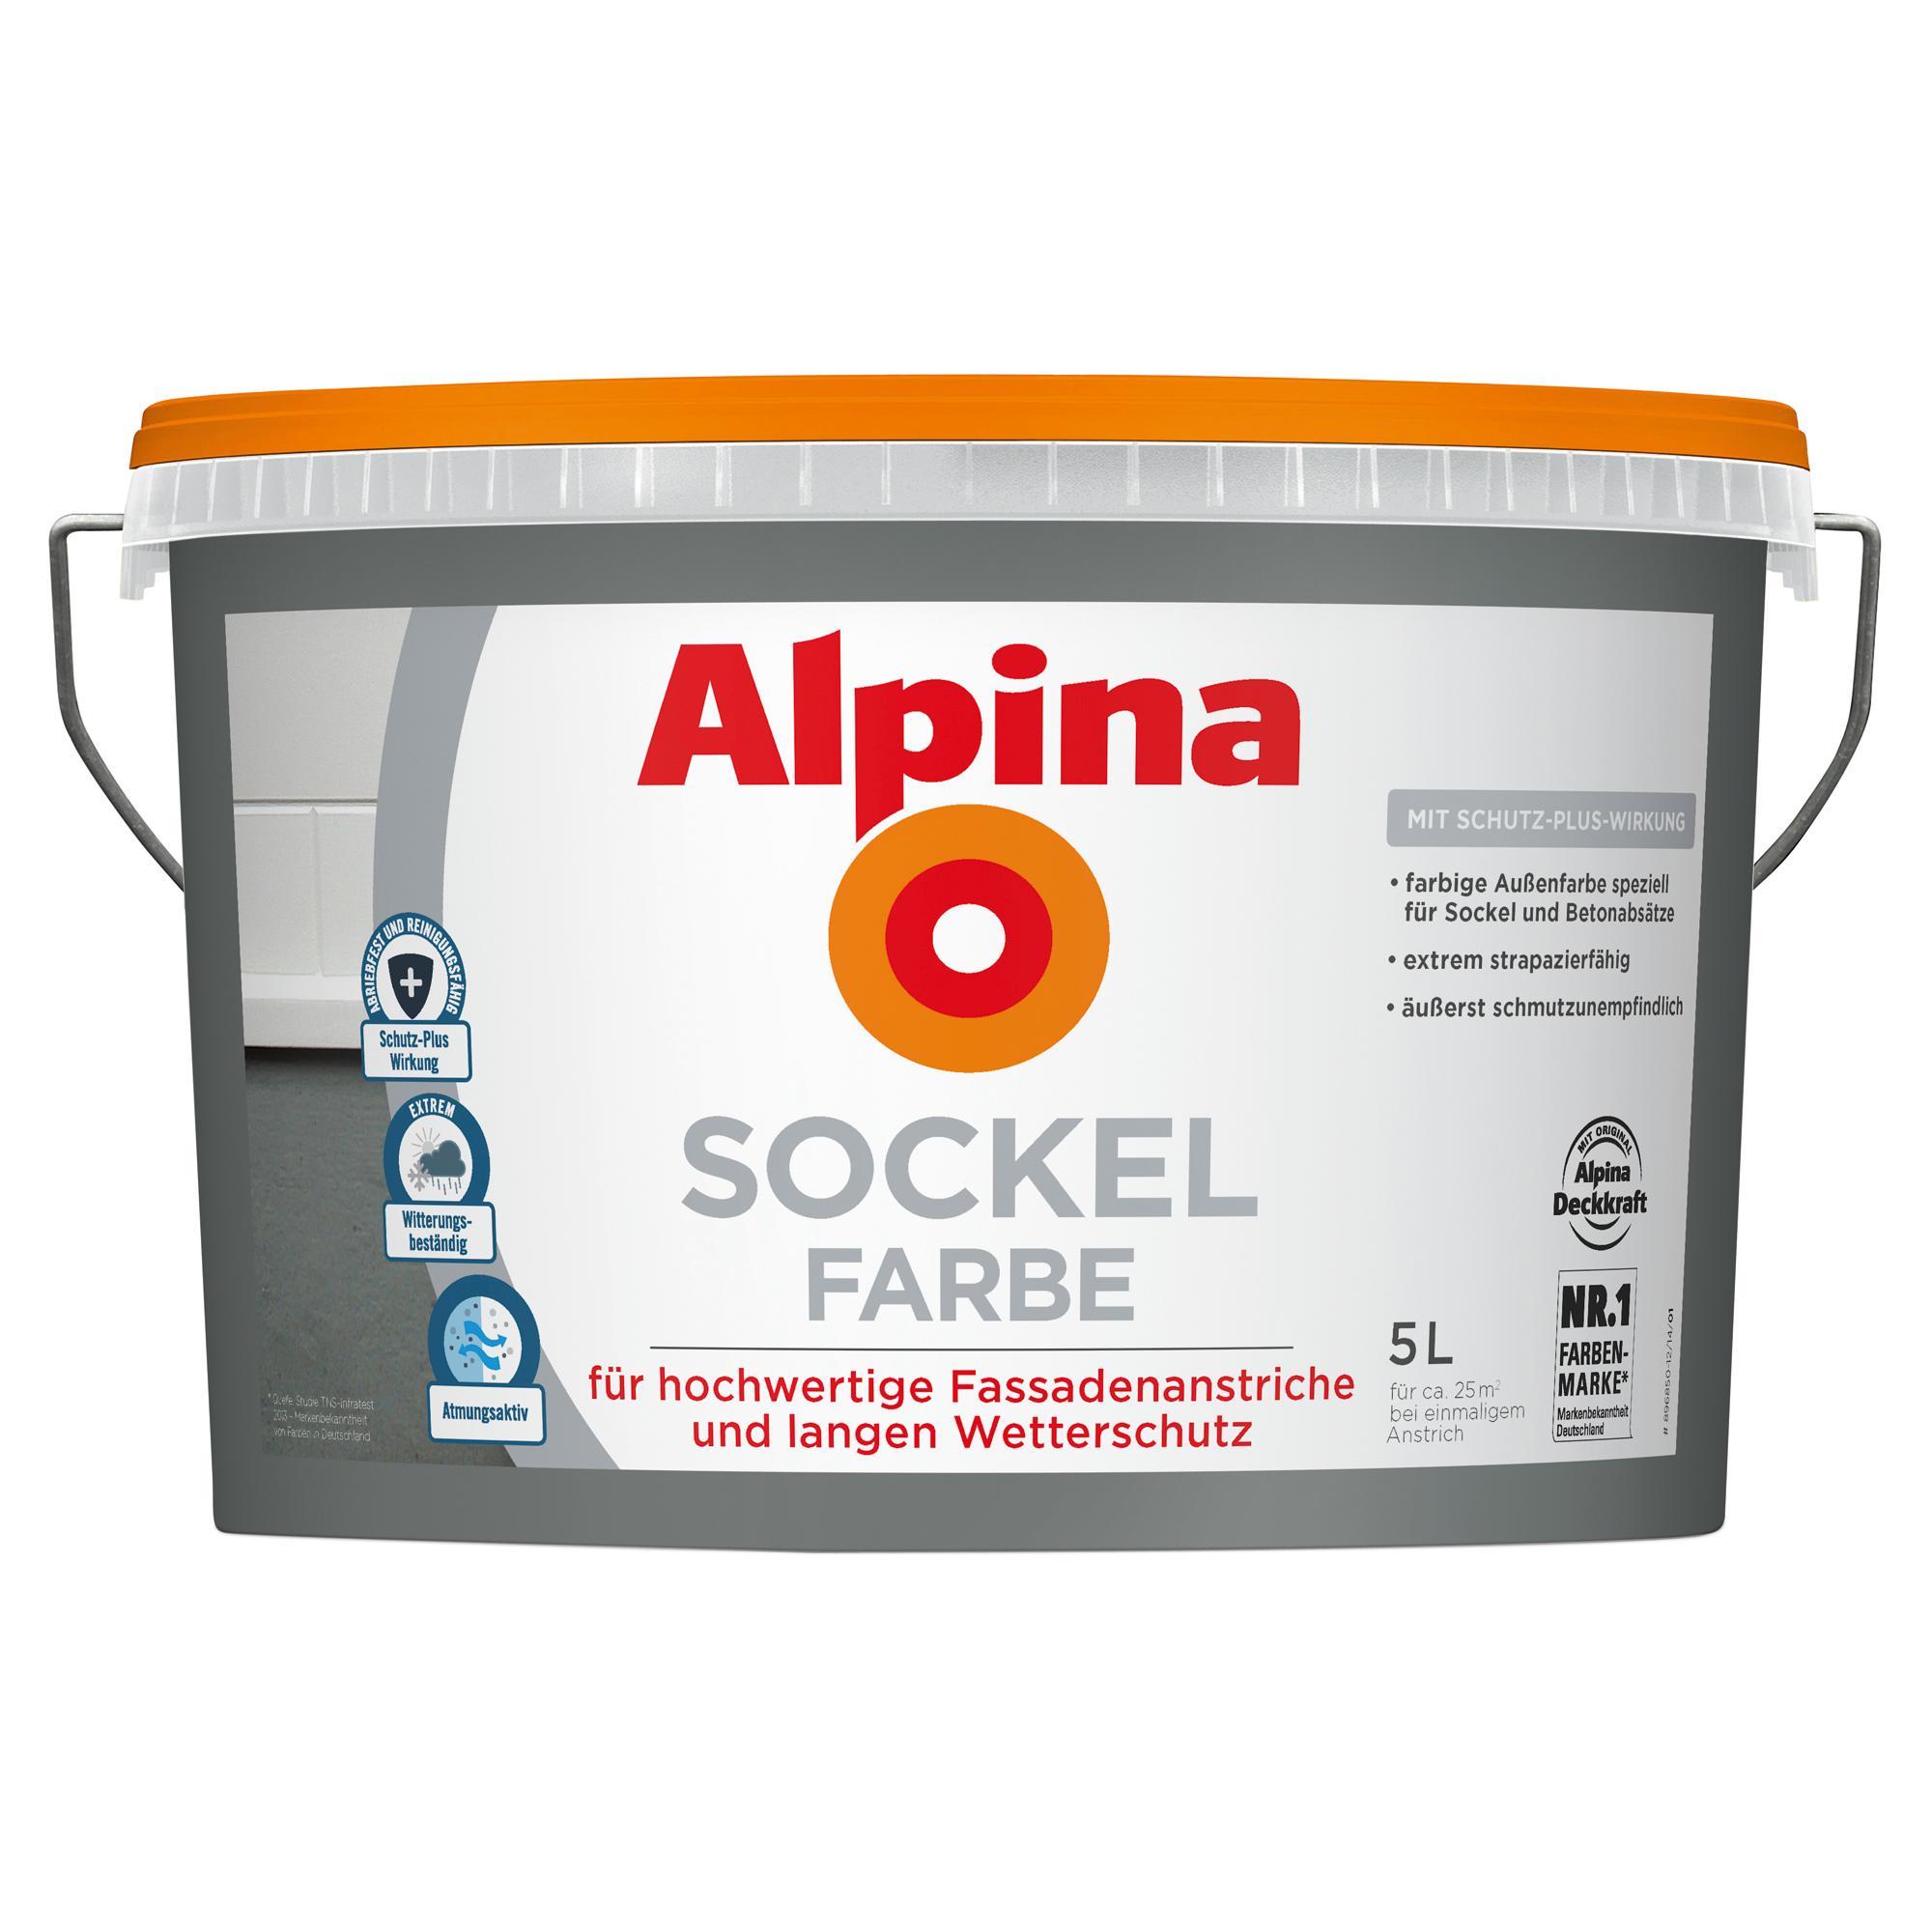 Alpina Sockelfarbe, 5 l, schiefer ǀ toom Baumarkt